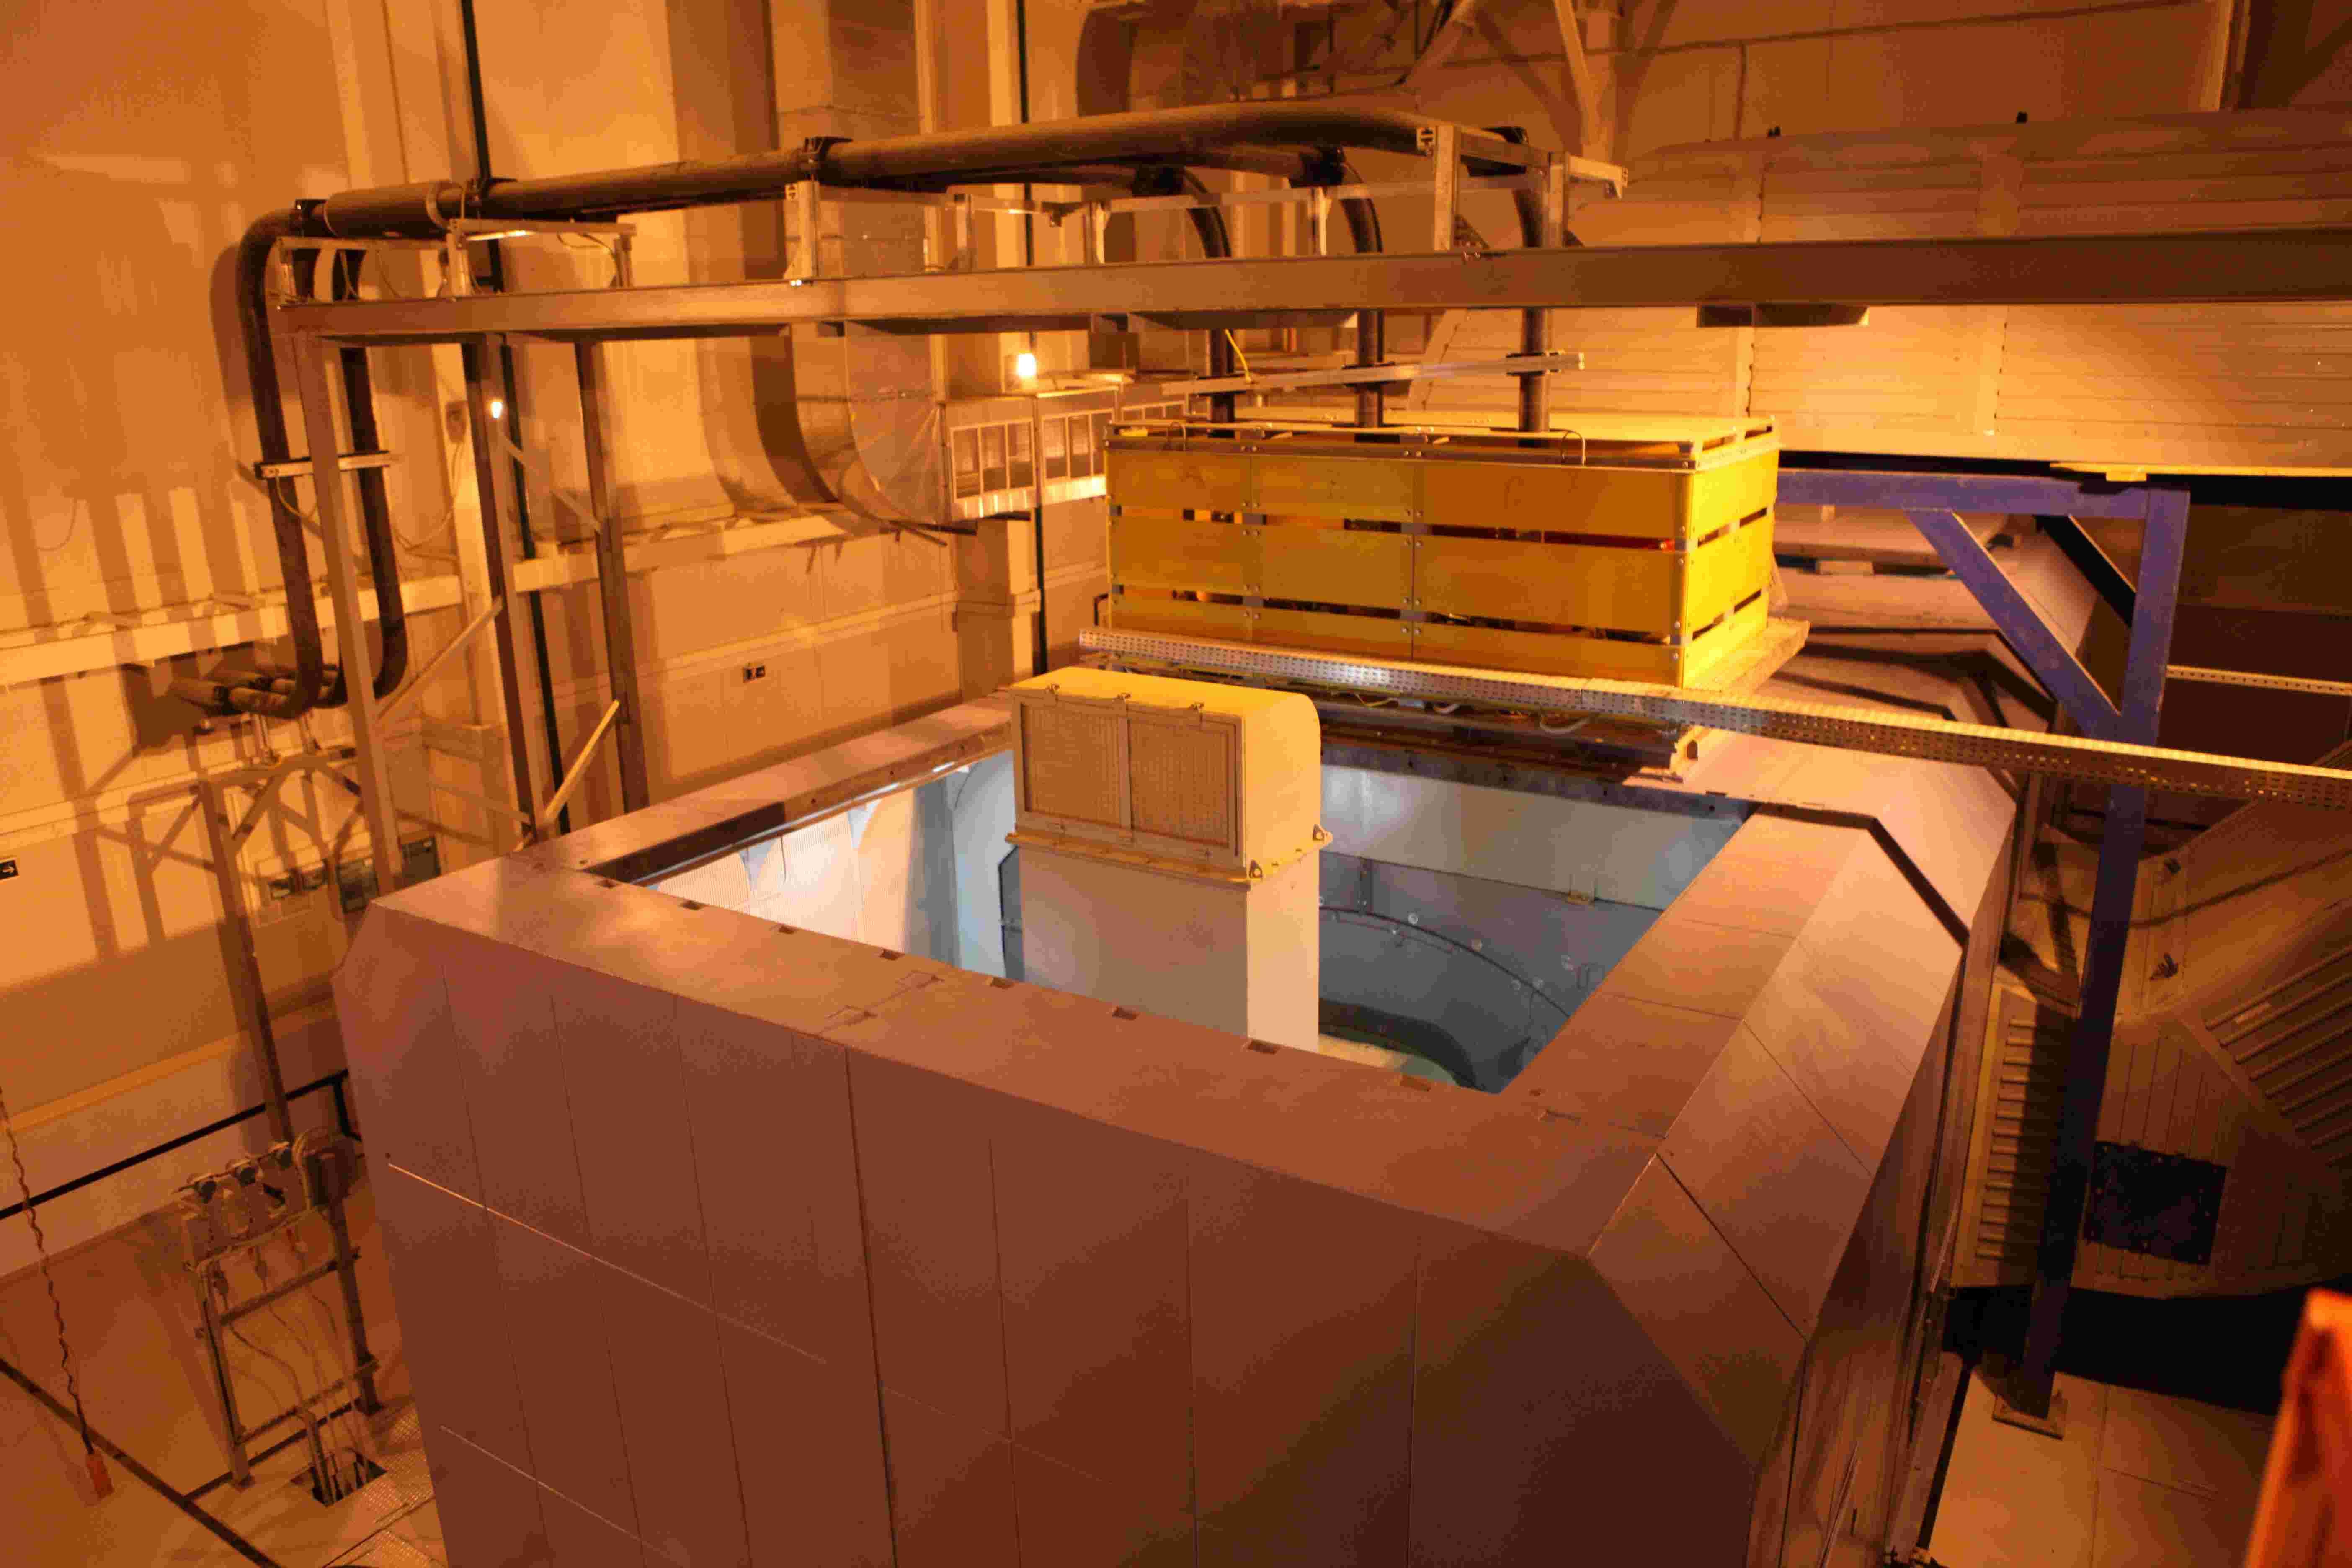 МЭС Центра завершил функциональные испытания асинхронизированных статических компенсаторов